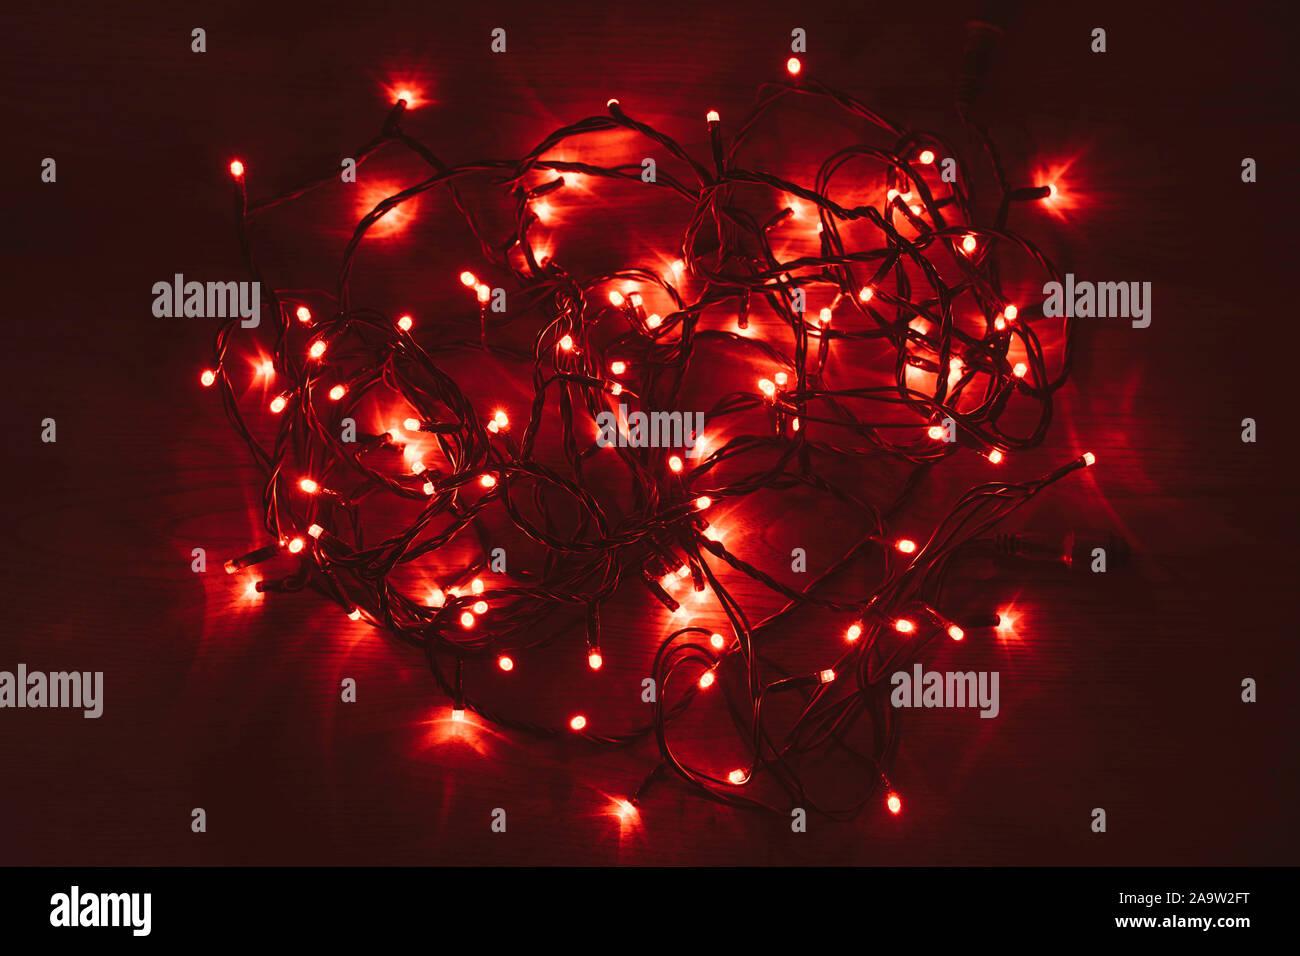 Lumières de Noël rouge sur une table en bois. Rouge vif brillant. Désorganisé led rouge s'allume. Banque D'Images